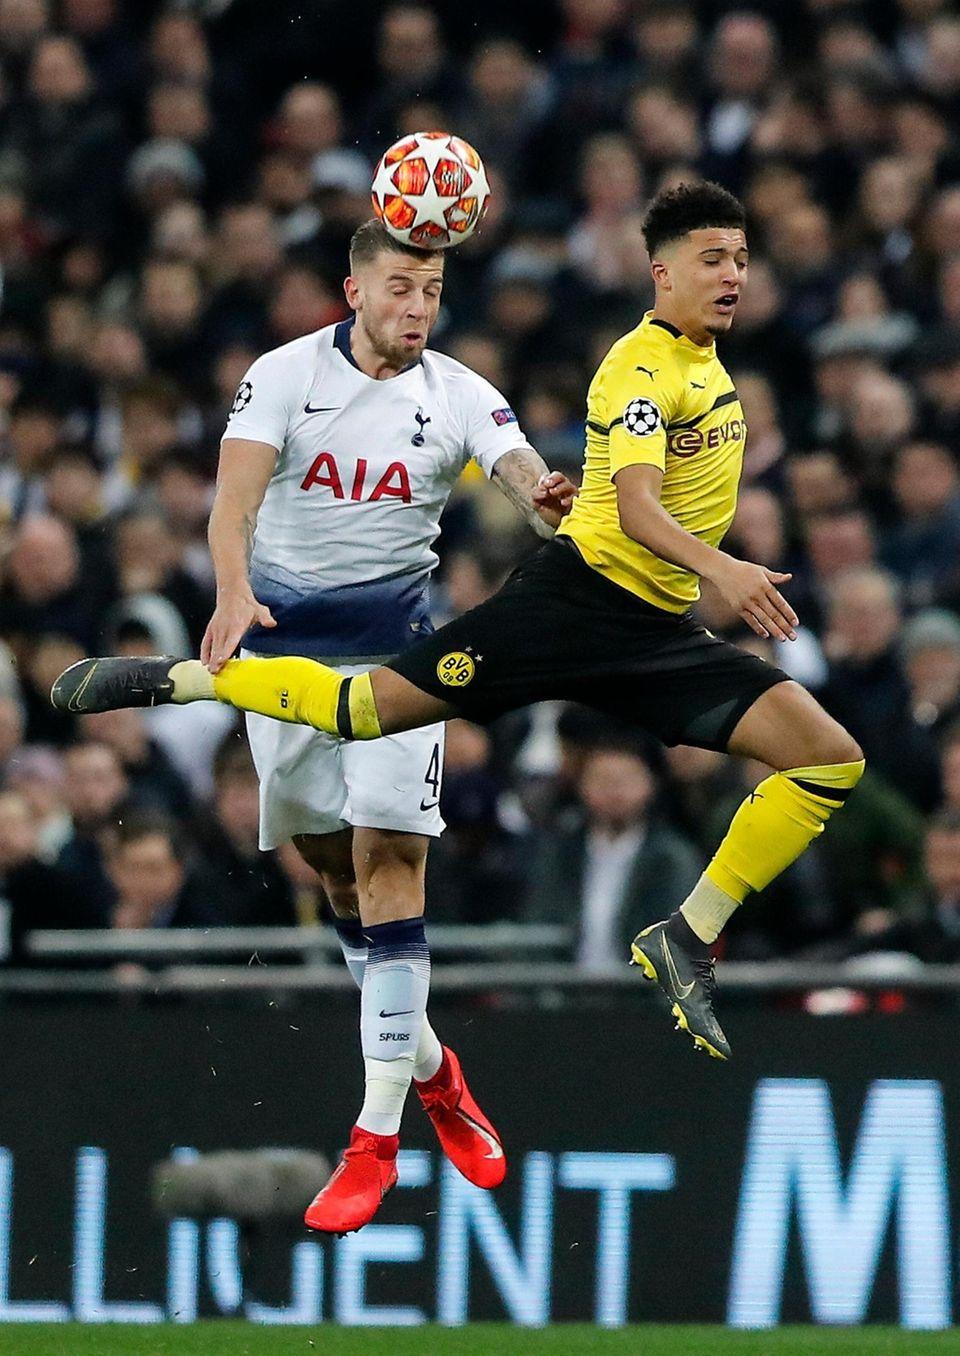 Tottenham defender Toby Alderweireld, left, and Dortmund forward